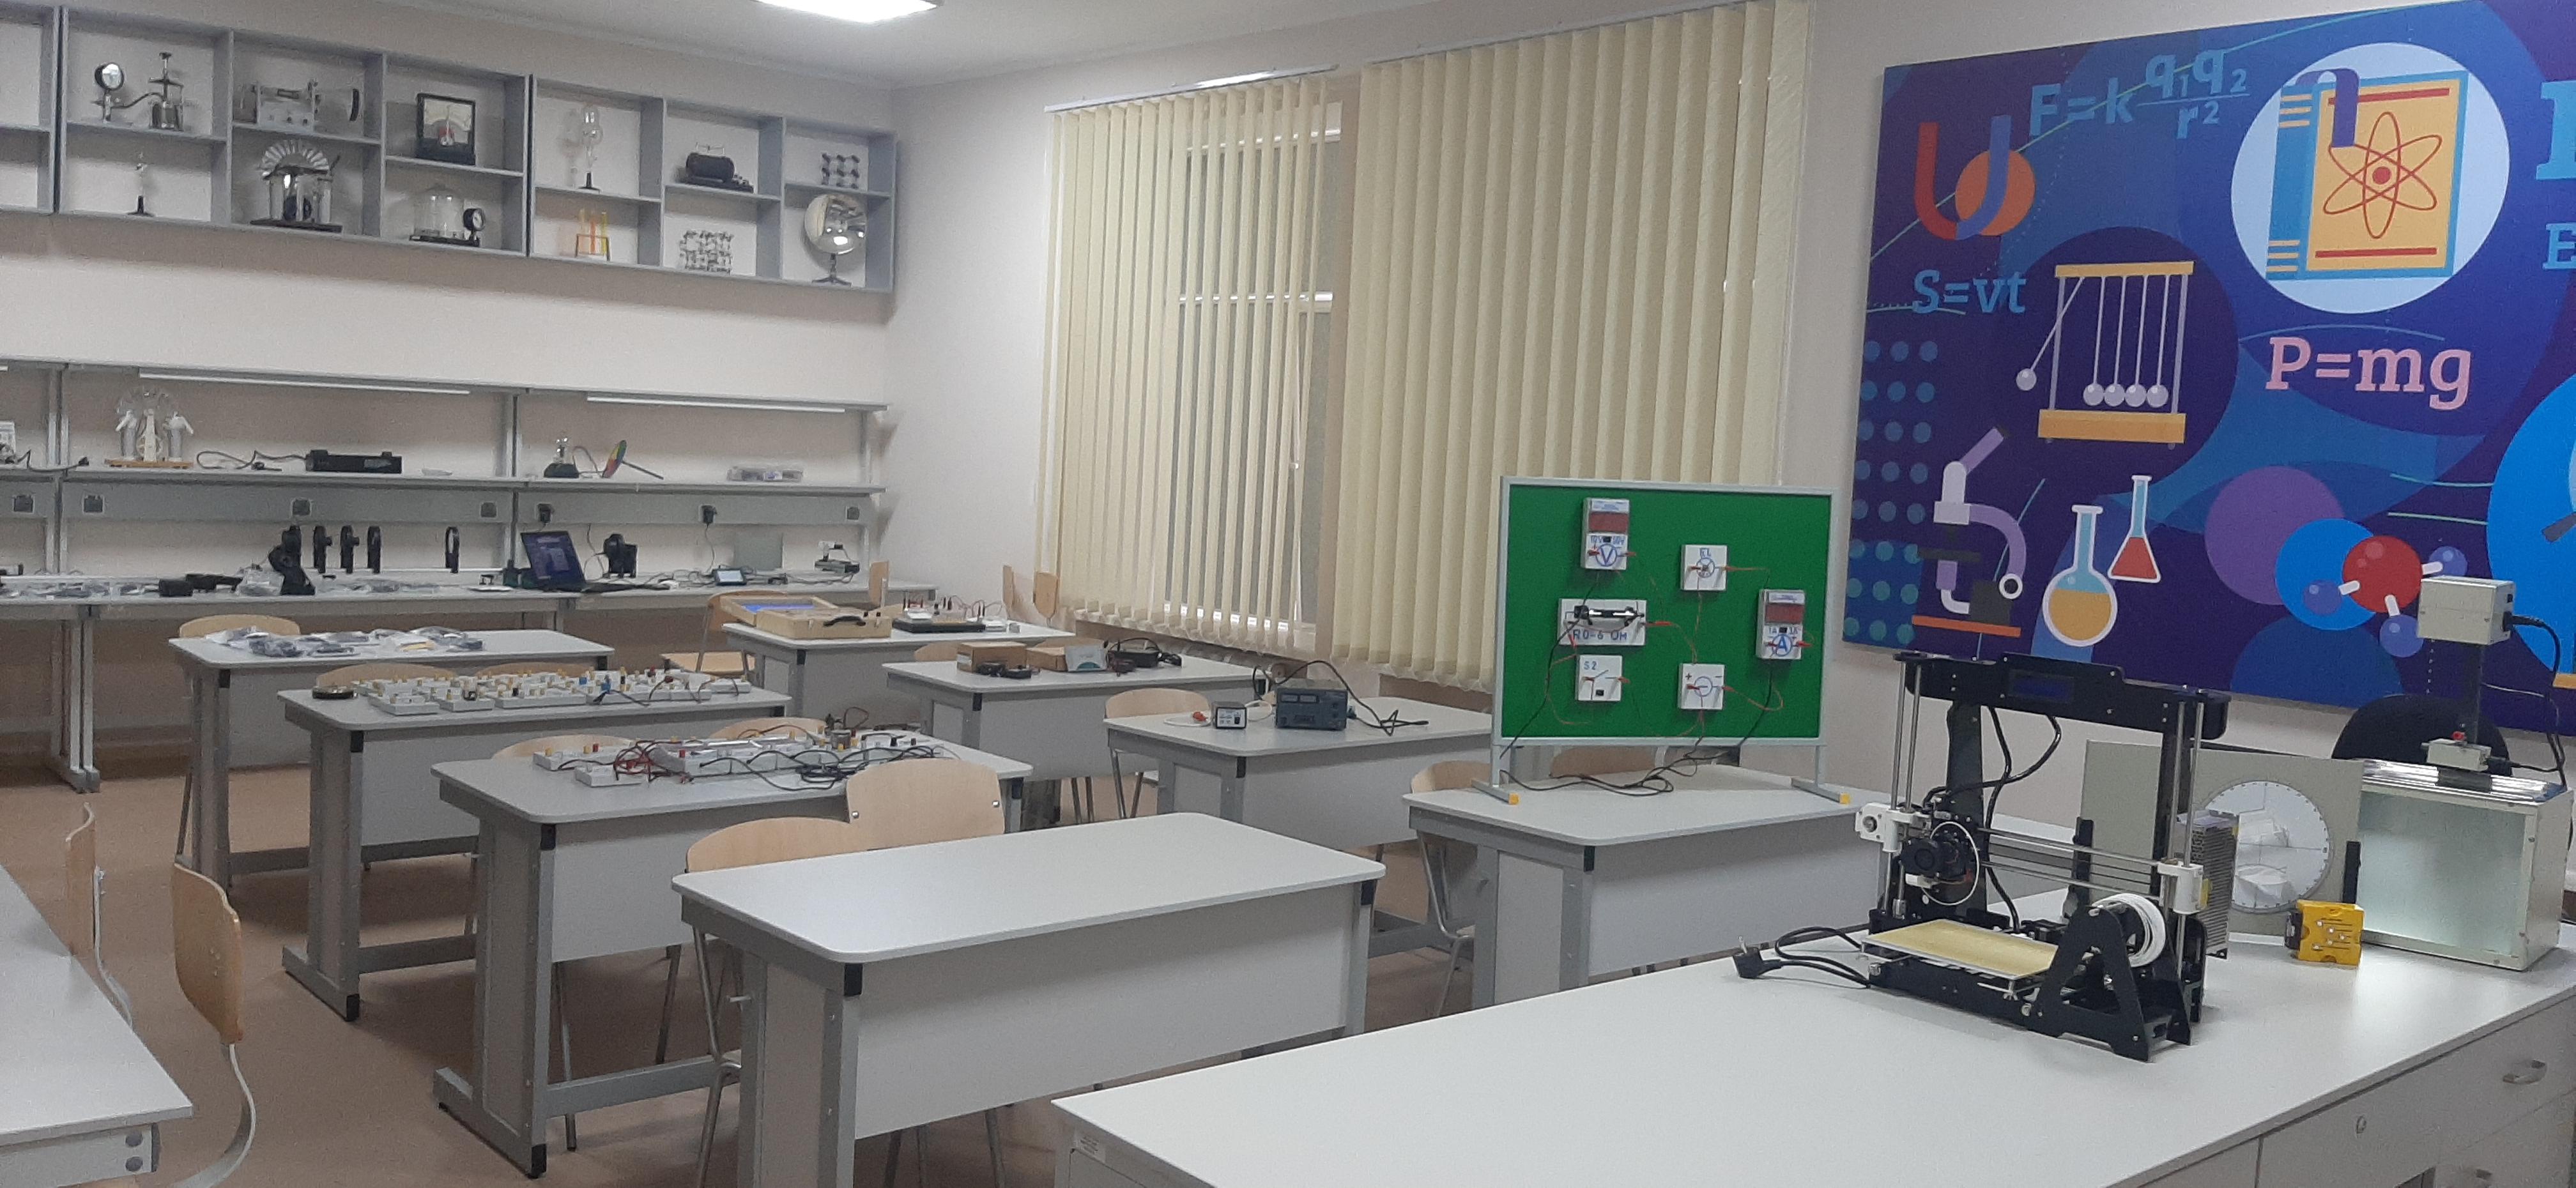 Криворізький державний педагогічний університет